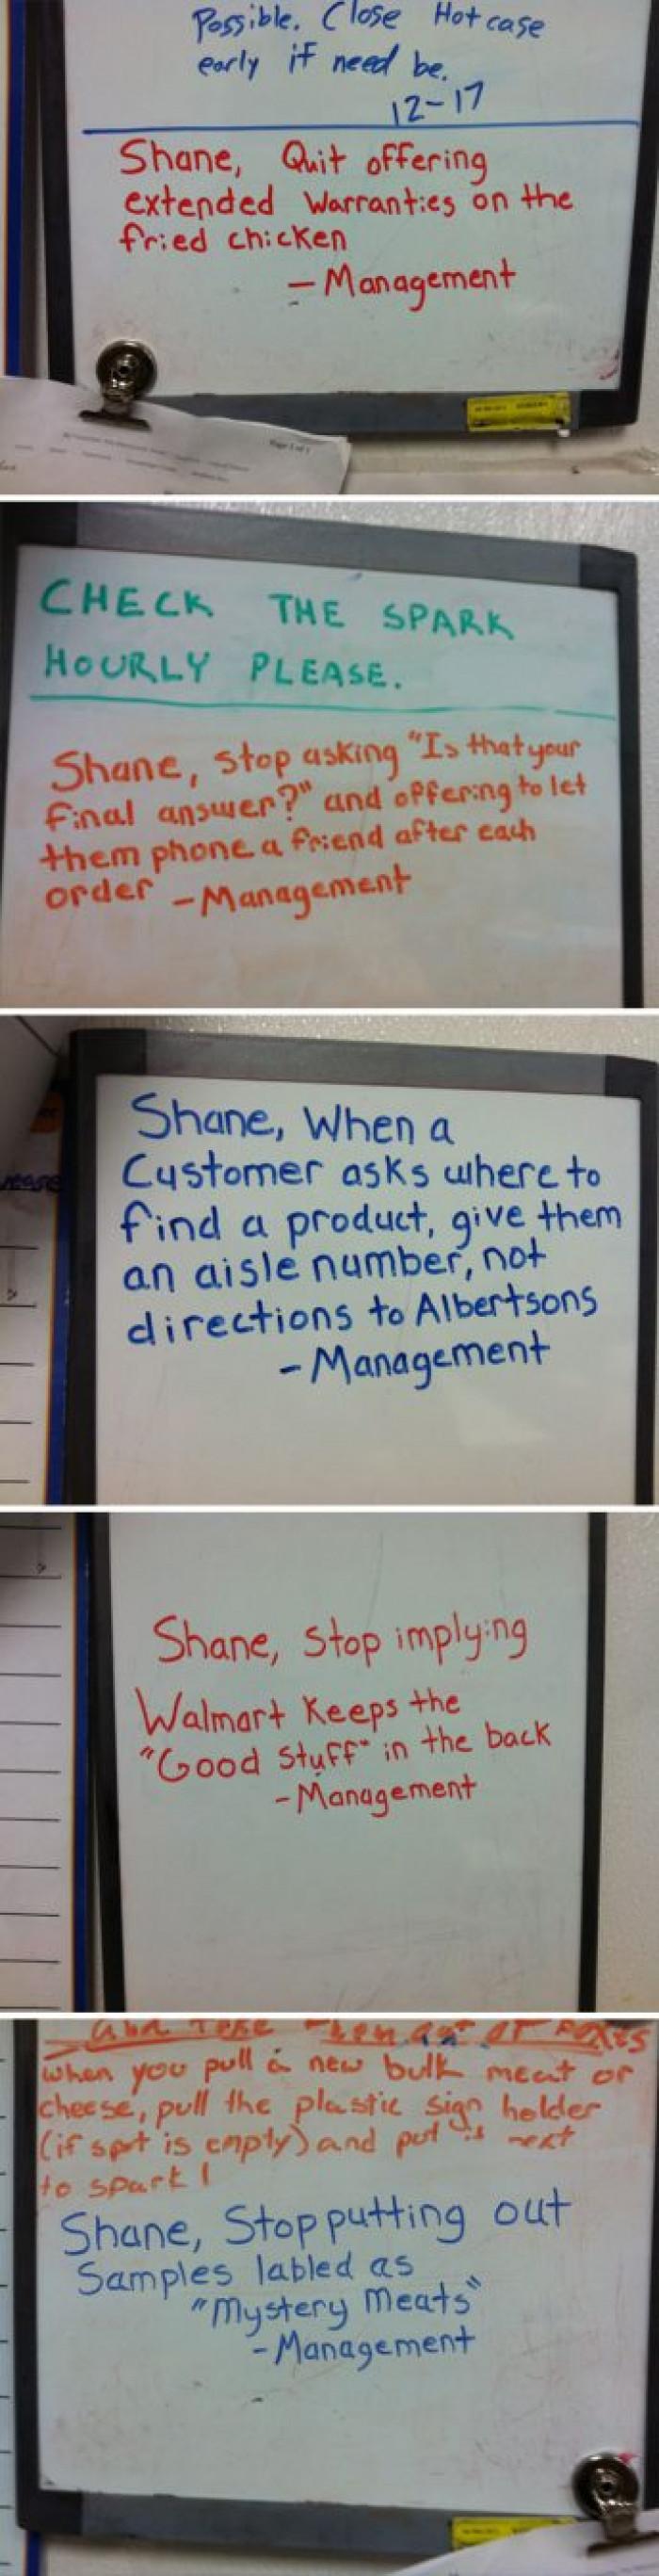 Goddamit Shane